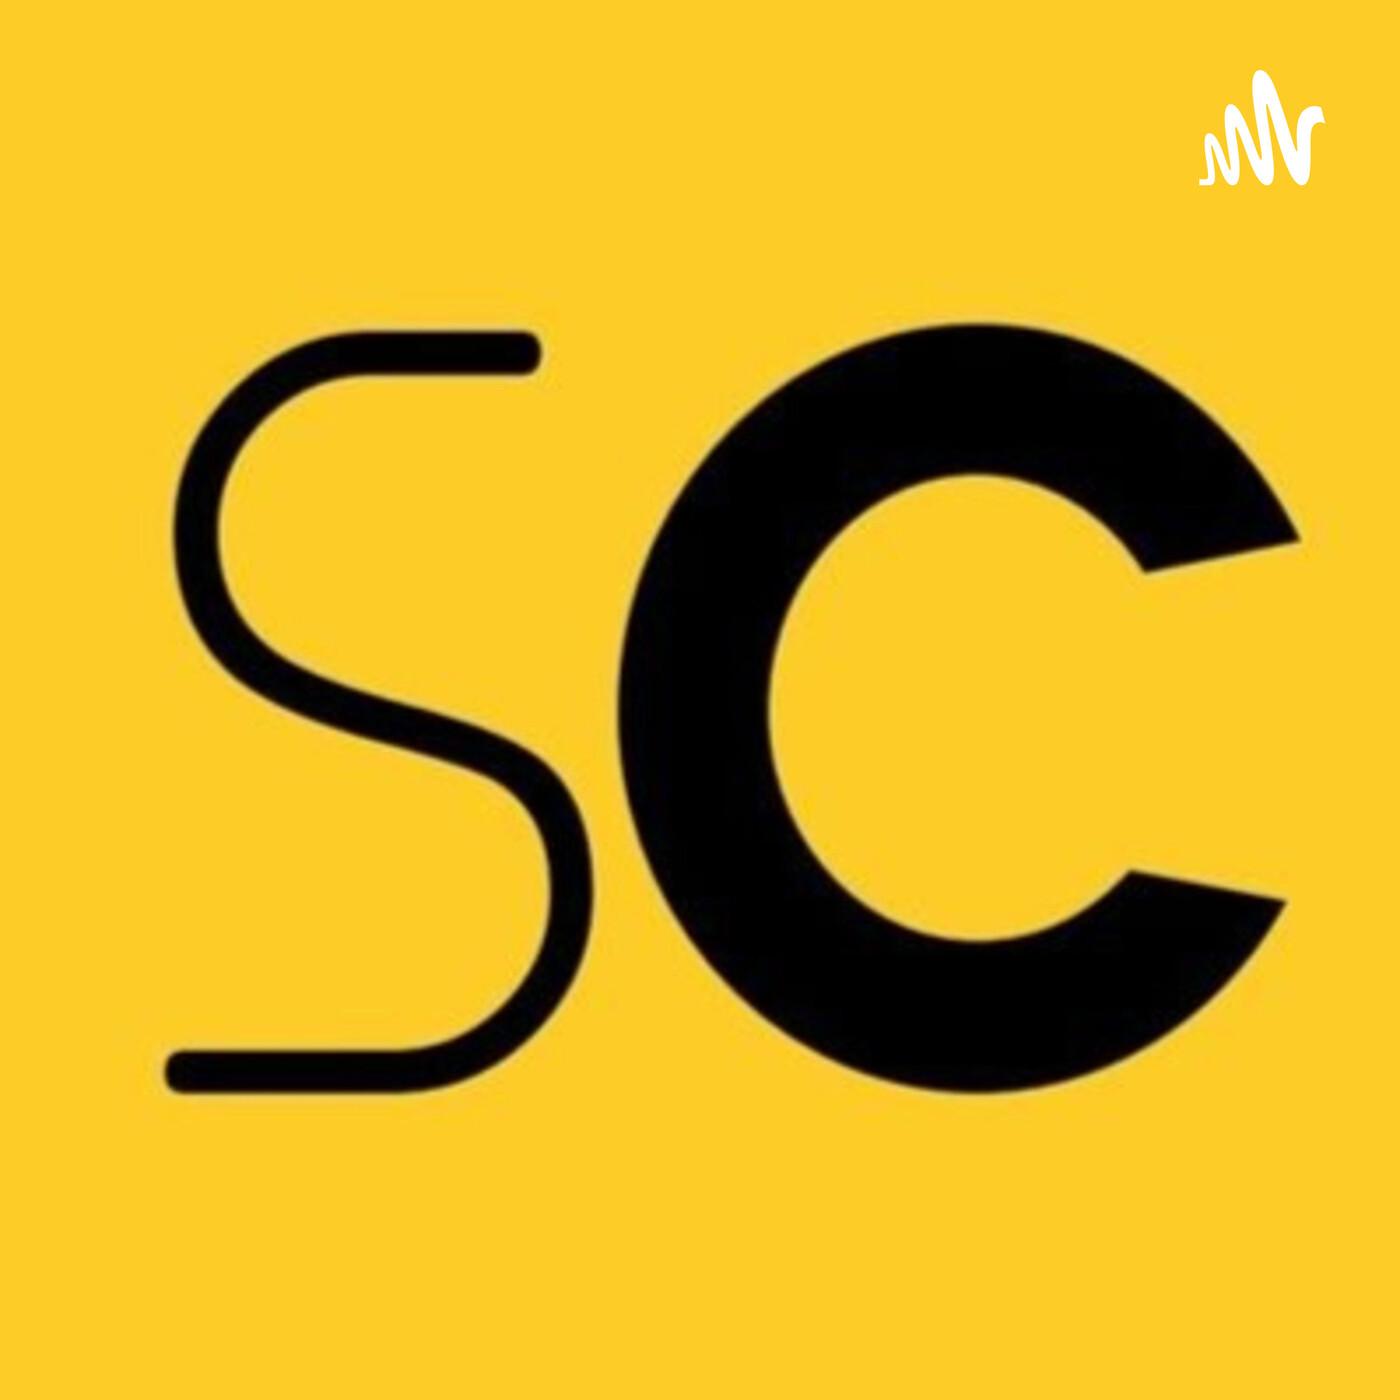 Curso de Posgrado sobre Cannabis y Cannabinoides | Entrevista a la Dra. Cecilia Scorza (Instituto Clemente Estable) -...